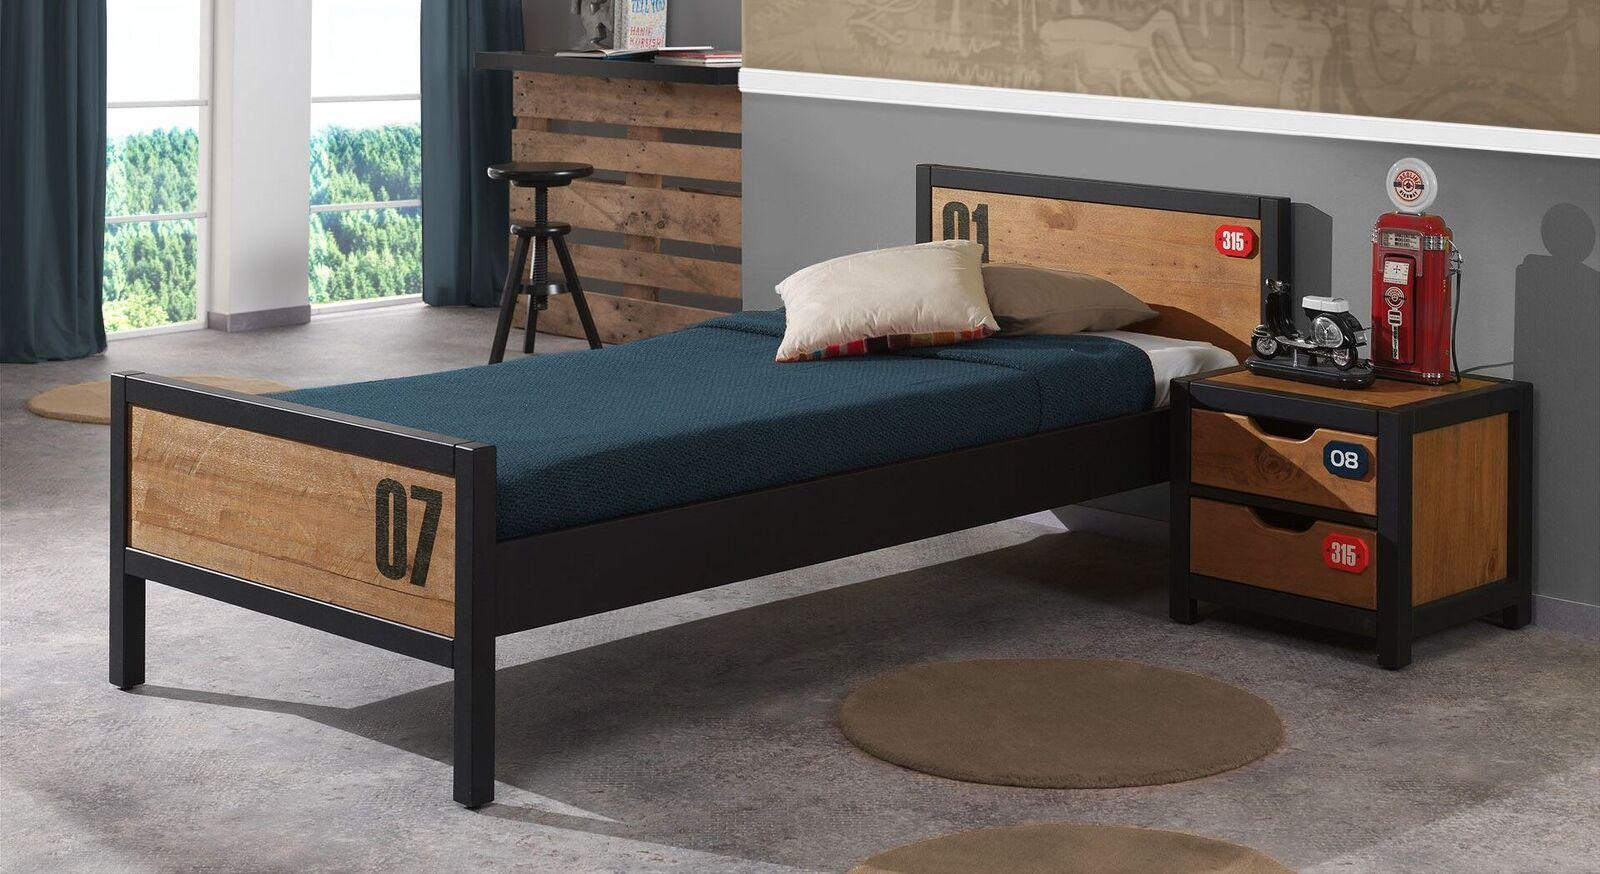 Jugendbett Beli im angesagten Design